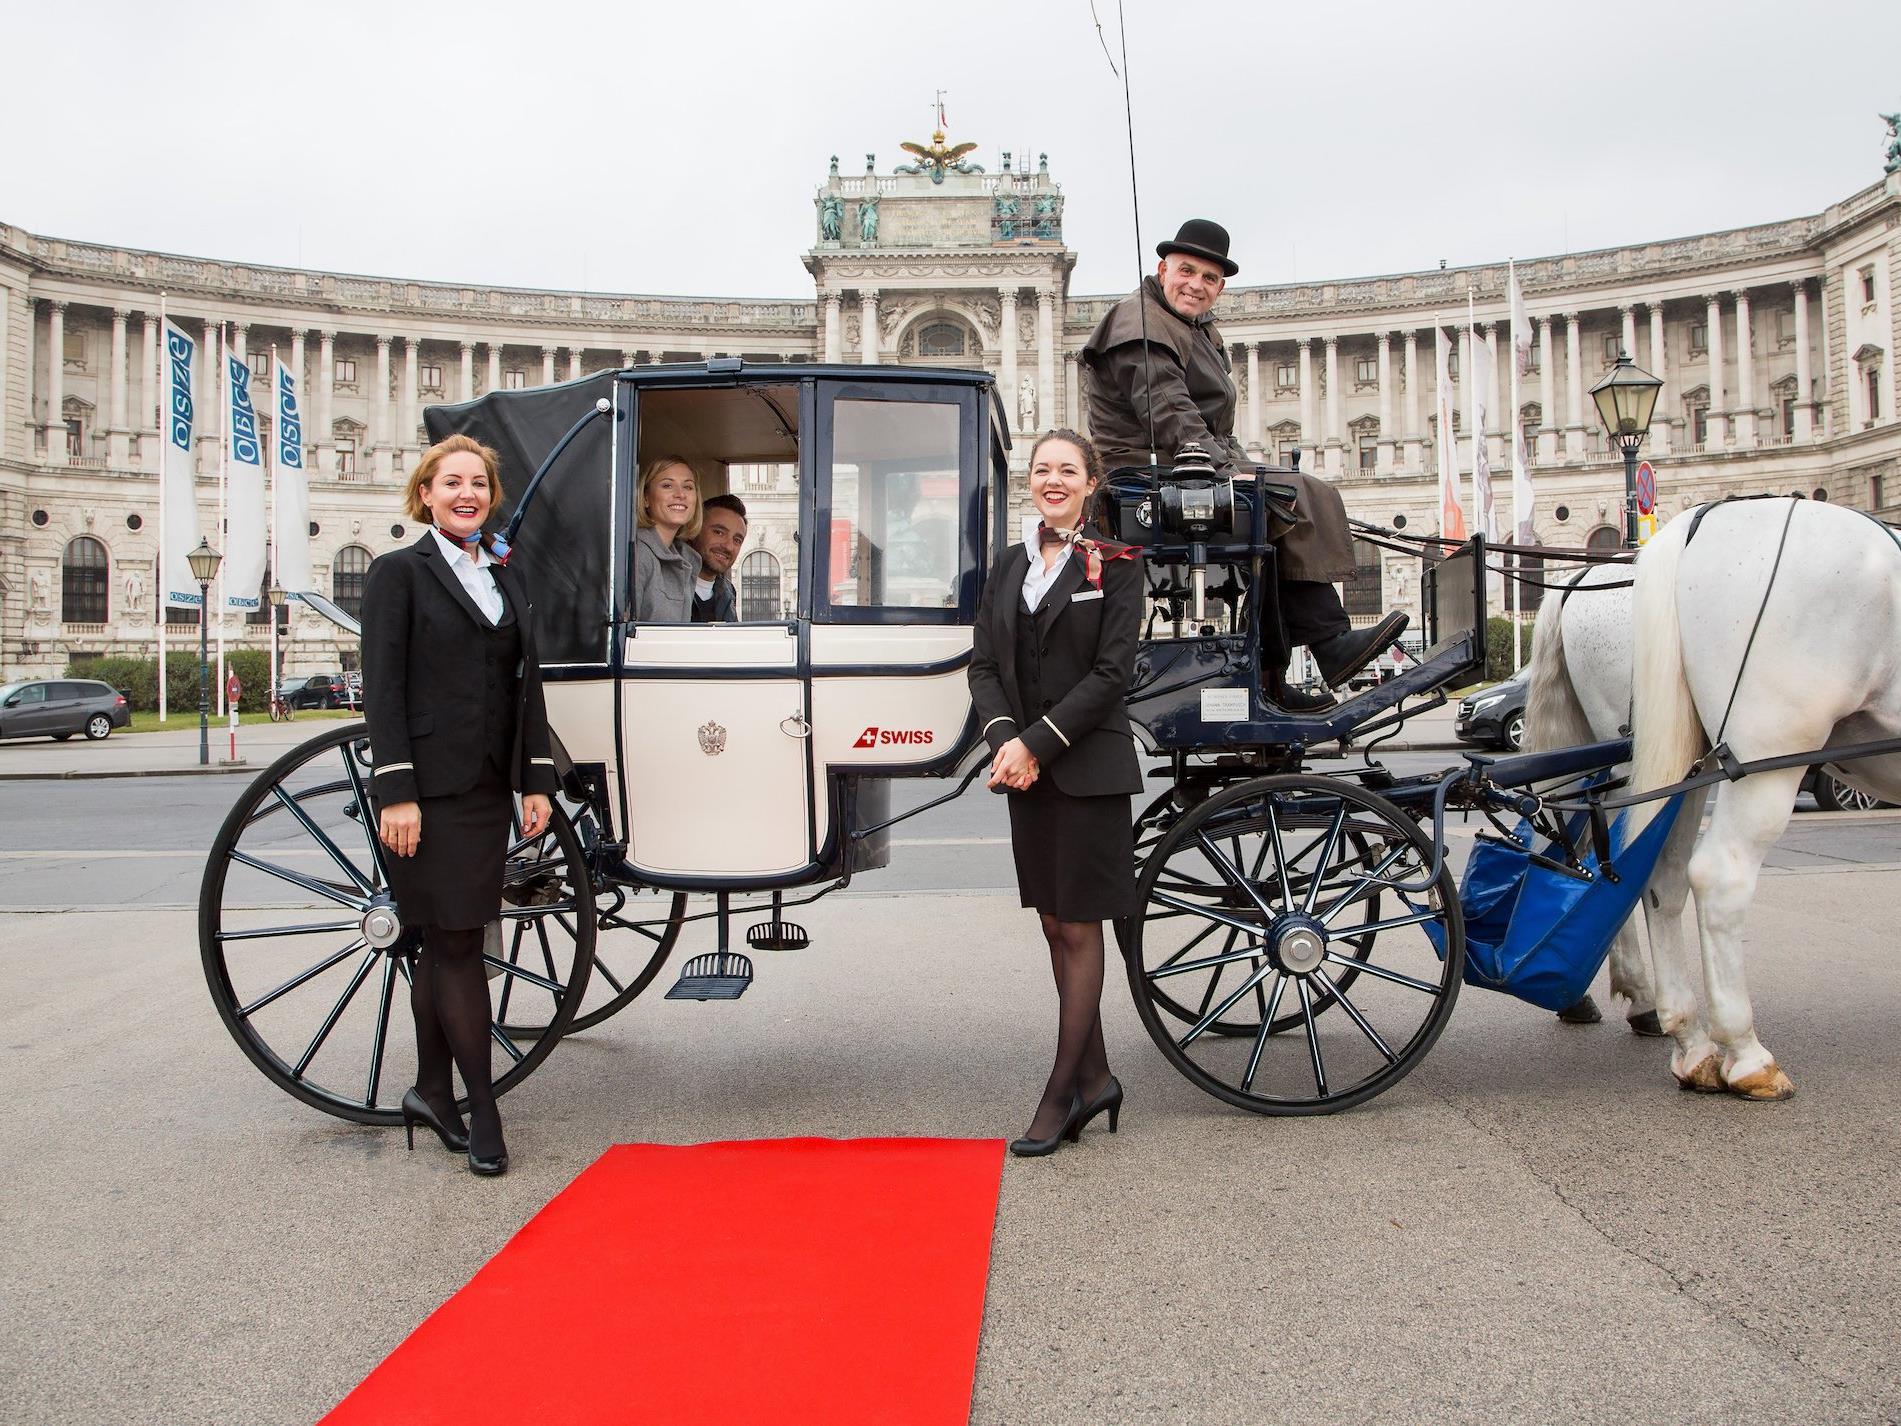 Bei der SWISSED-Aktion mit Fiakerfahrt in Wien